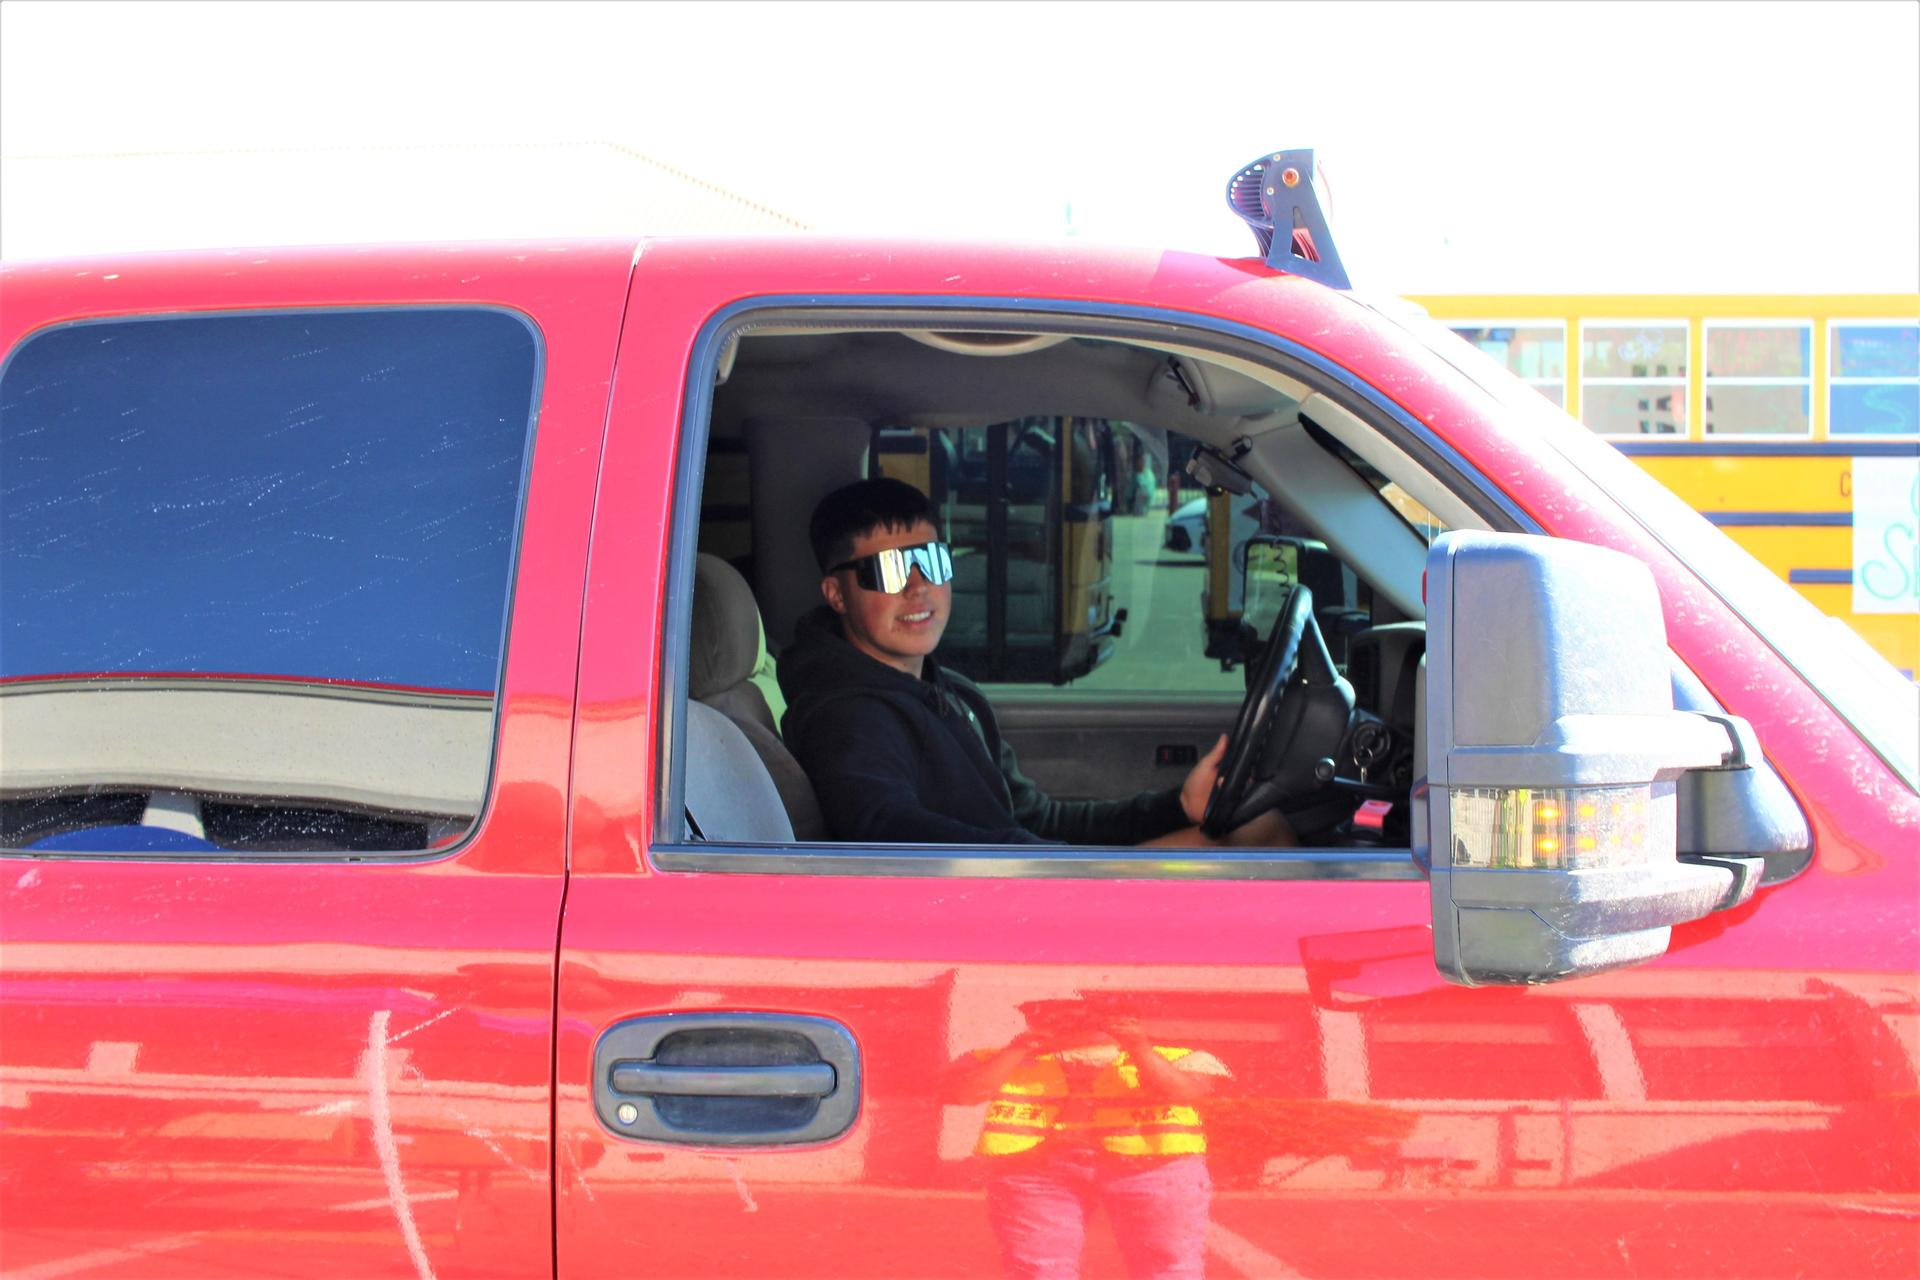 Roman Diaz driving through